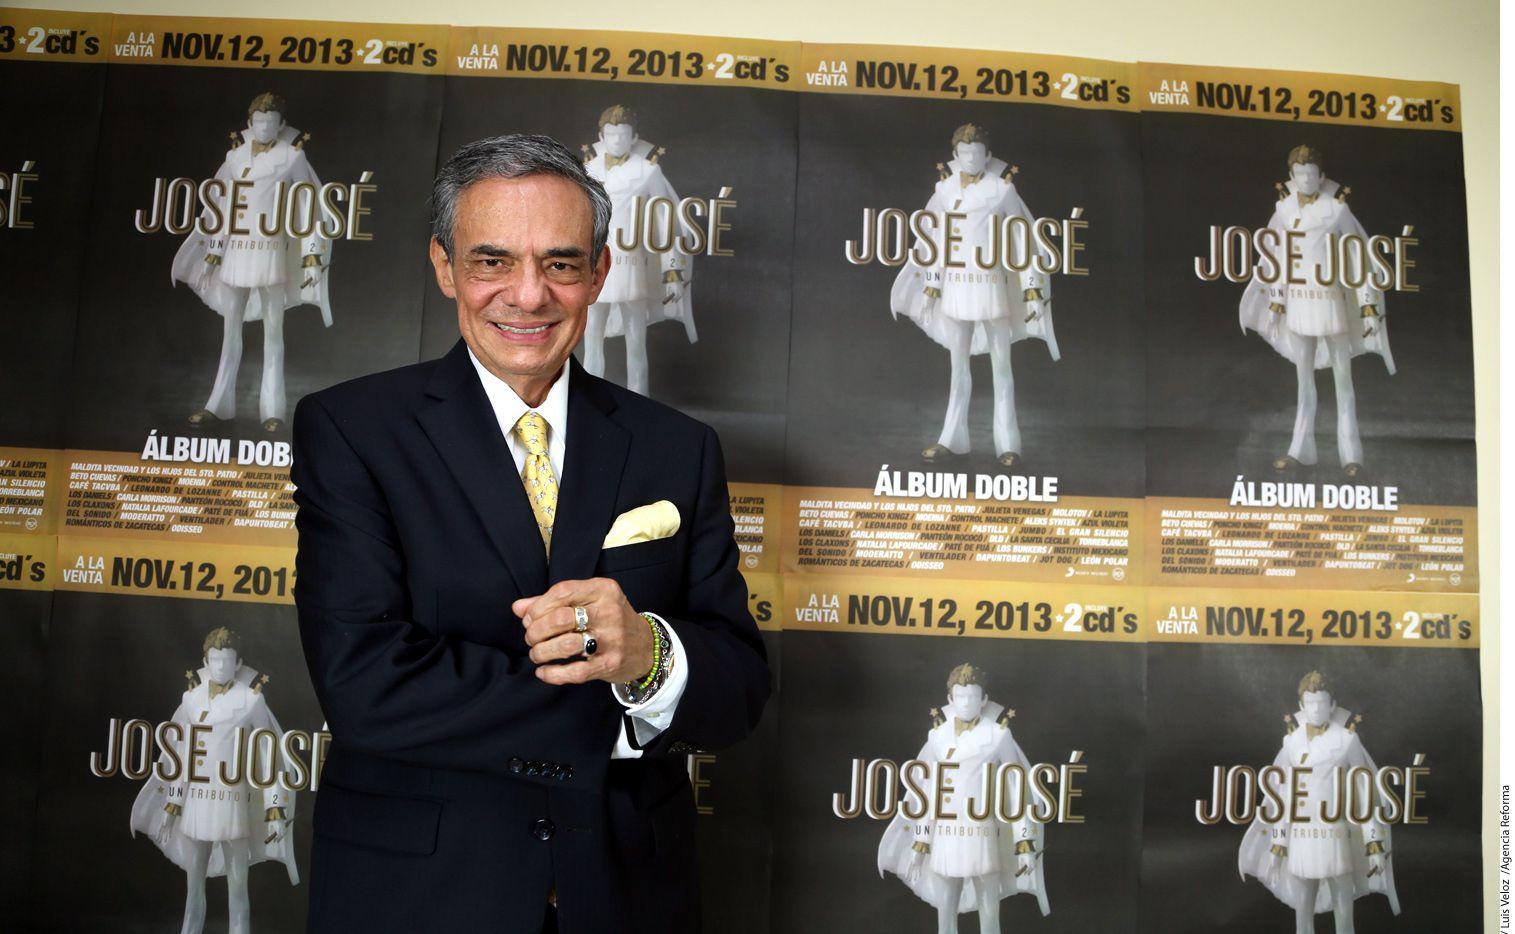 Al cantante José José, de 69 años, se le practican varios estudios para determinar el tratamiento al que será sometido./ AGENCIA REFORMA